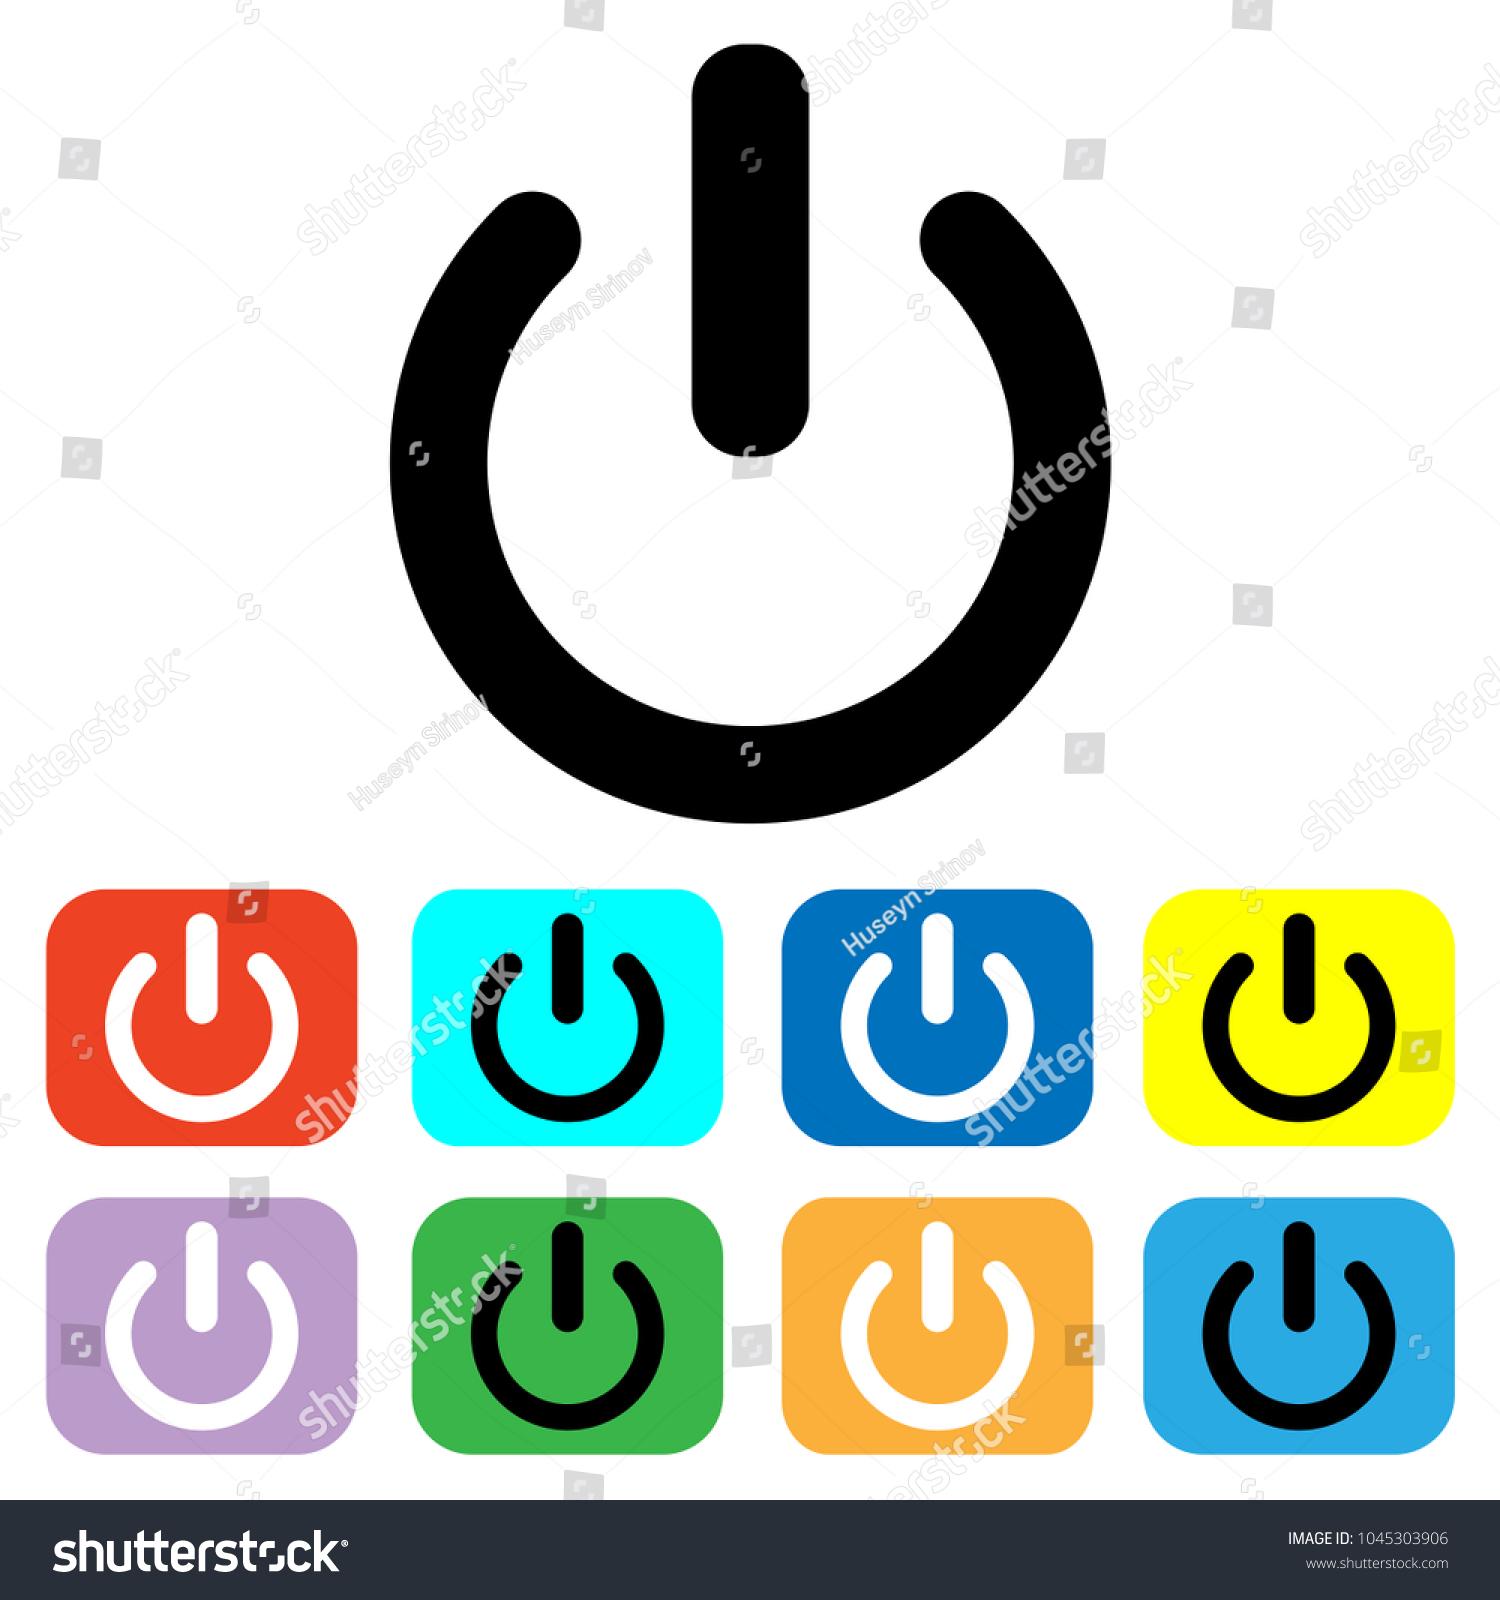 Shutdown Icon Vector Power Icon On Off Stock-Vektorgrafik 1045303906 ...